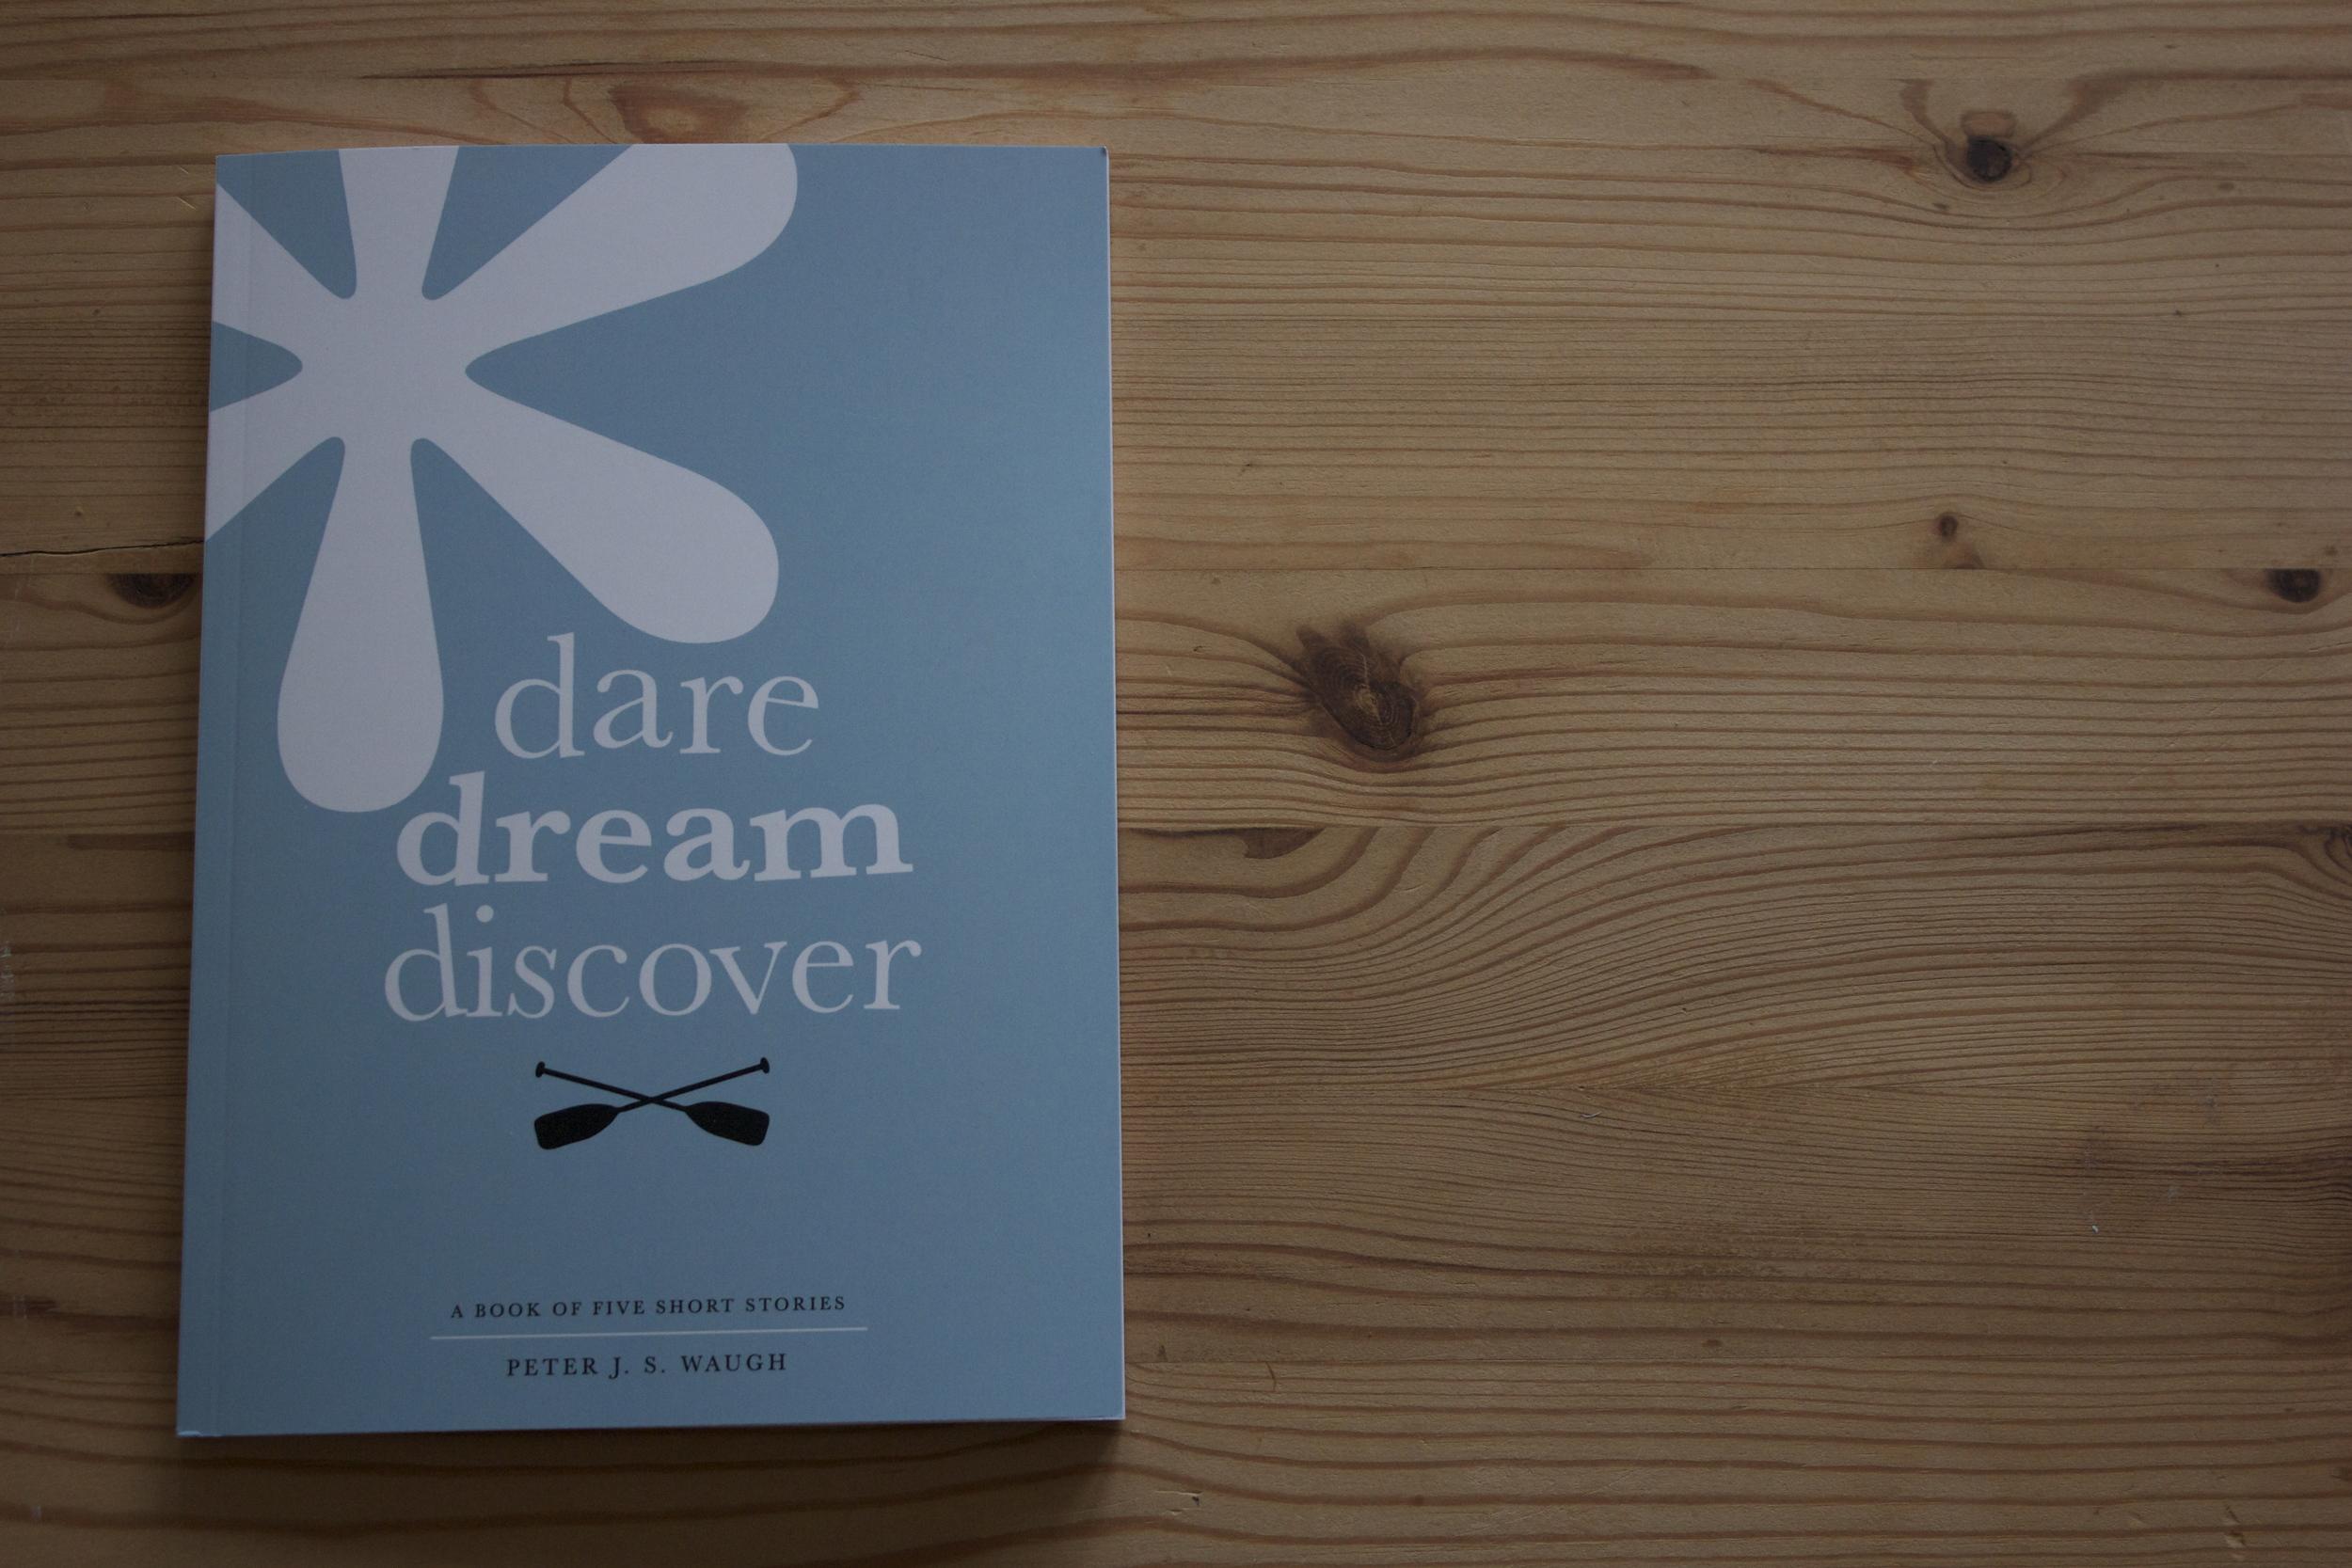 Dare Dream Discover